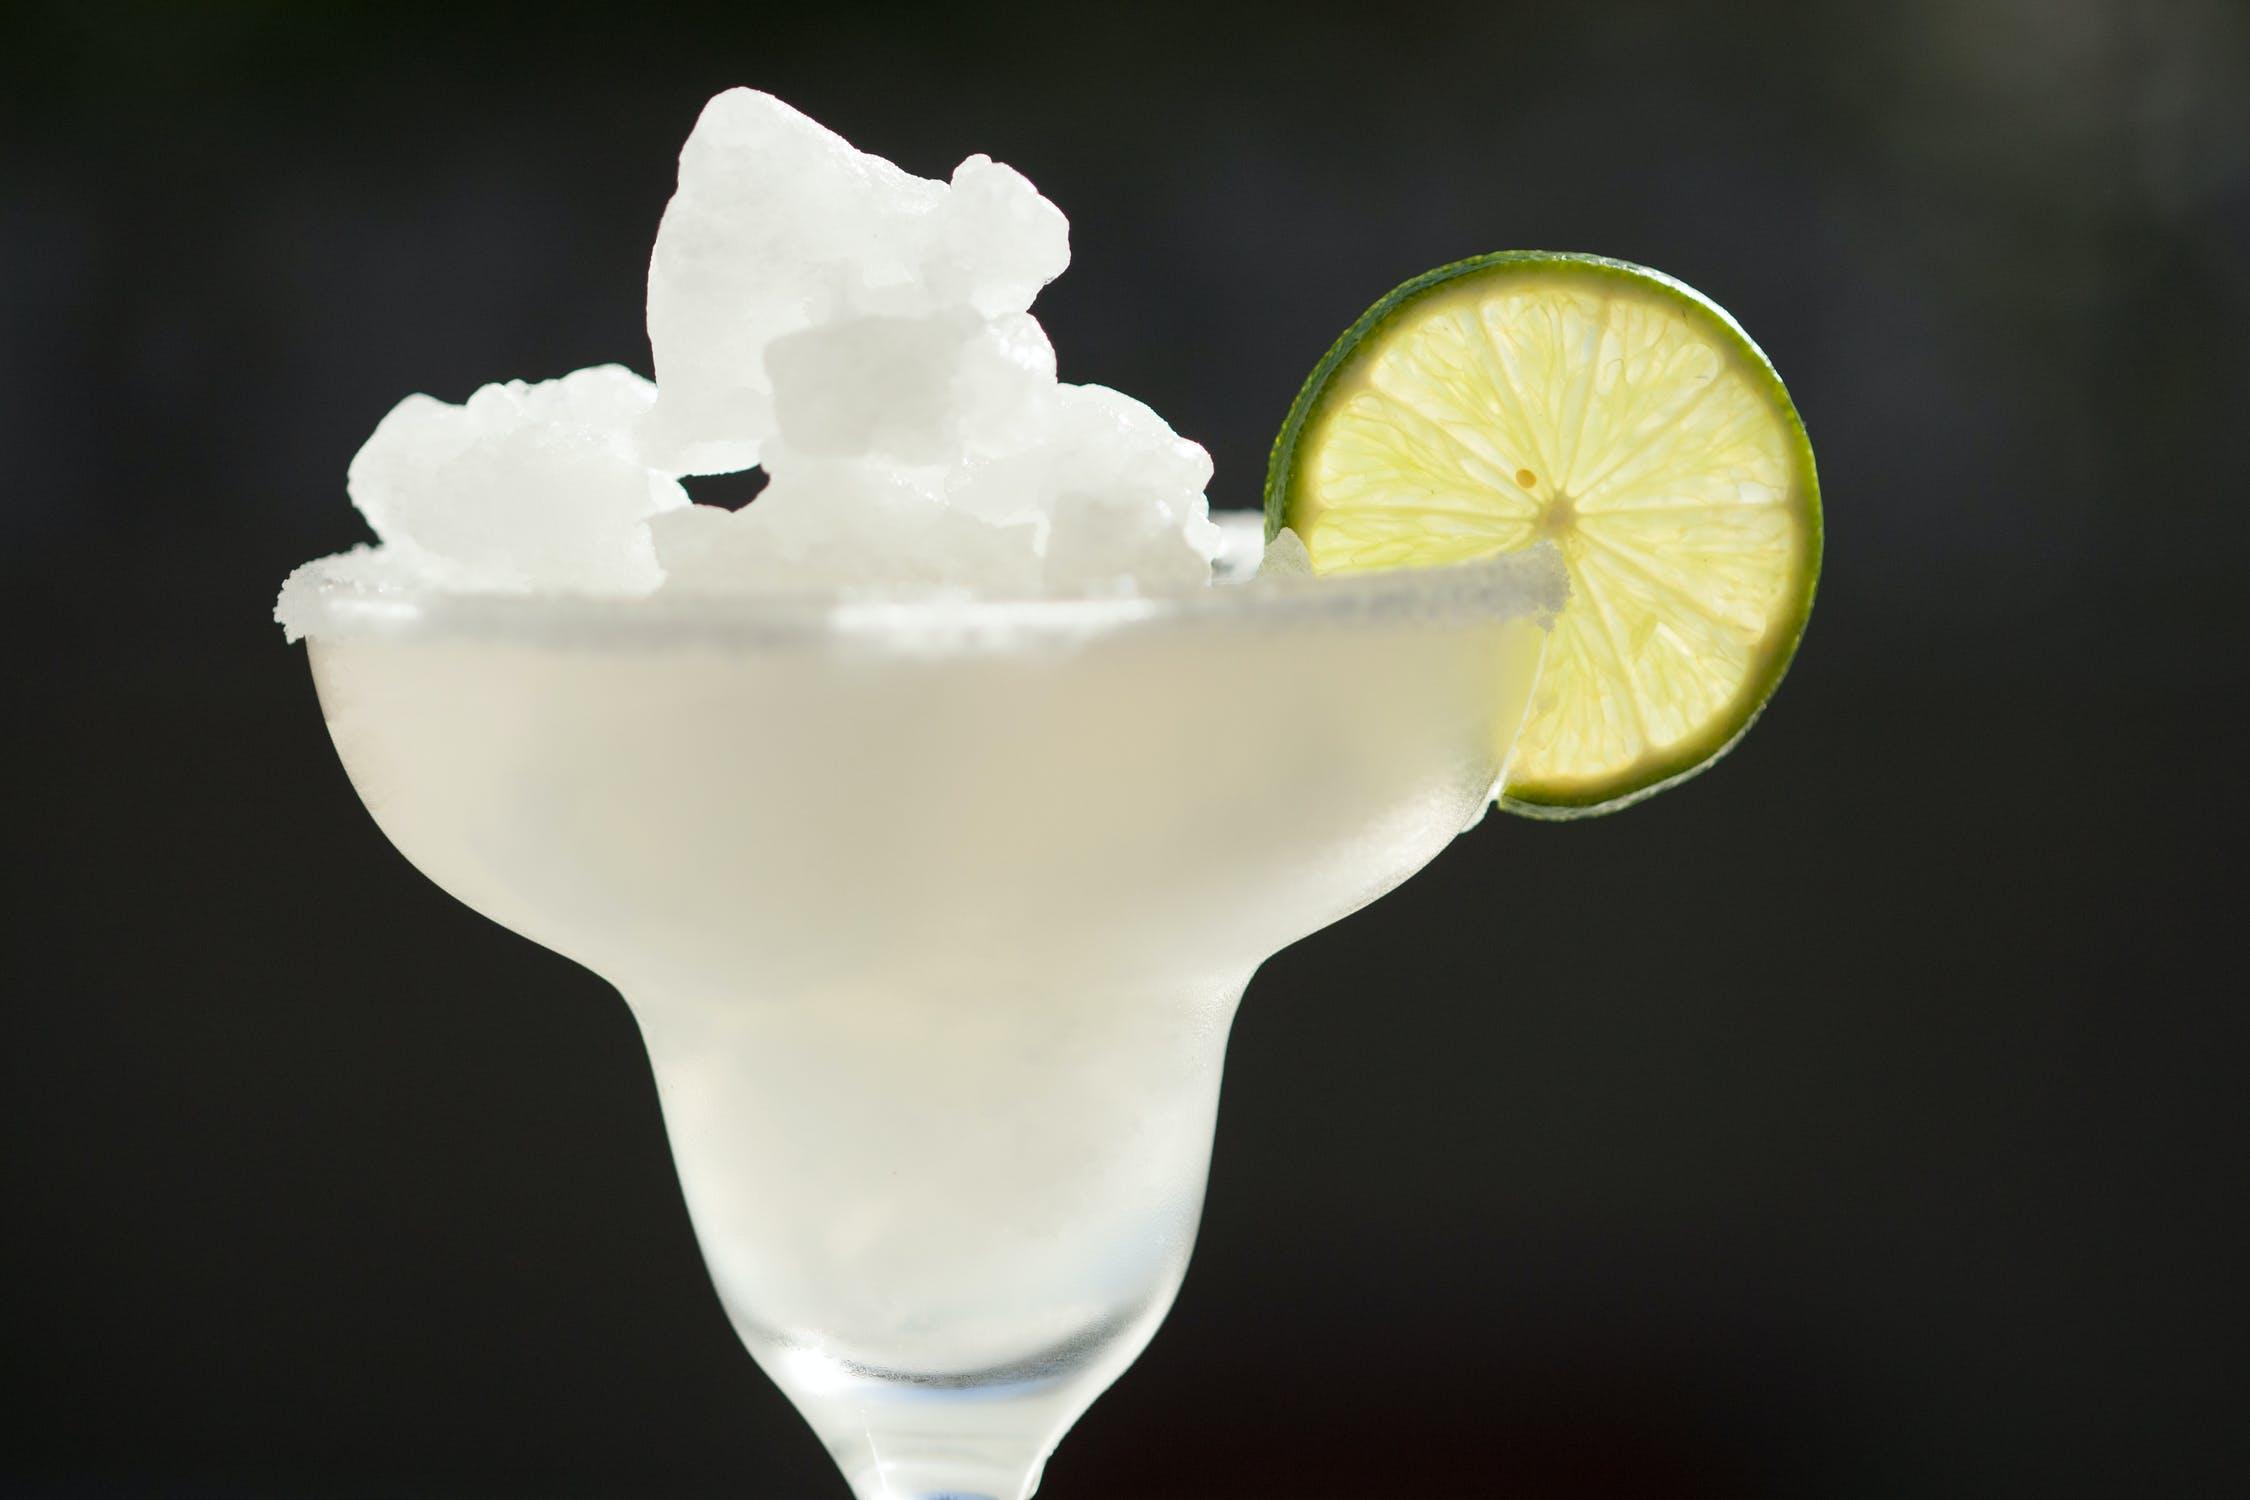 shaved ice machine, margarita, ice machine